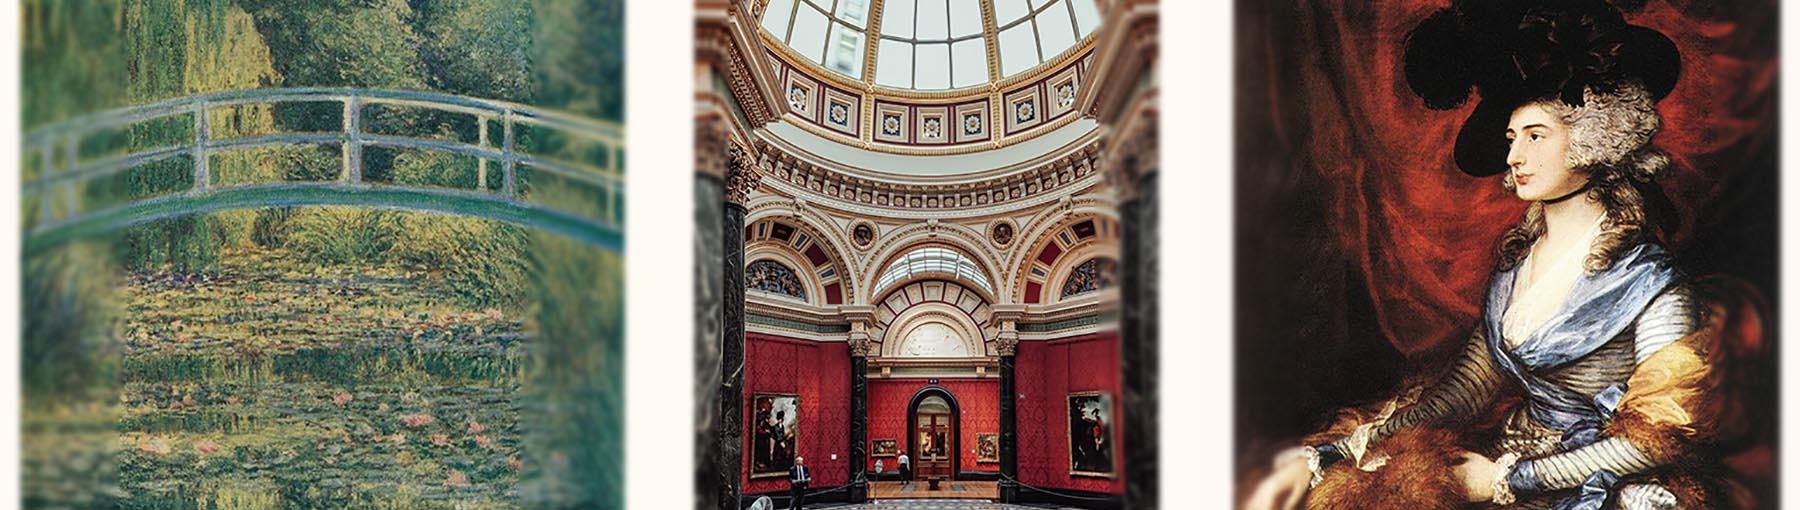 ロンドンナショナルギャラリー展 国立西洋美術館 2020年 アンティークジュエリー